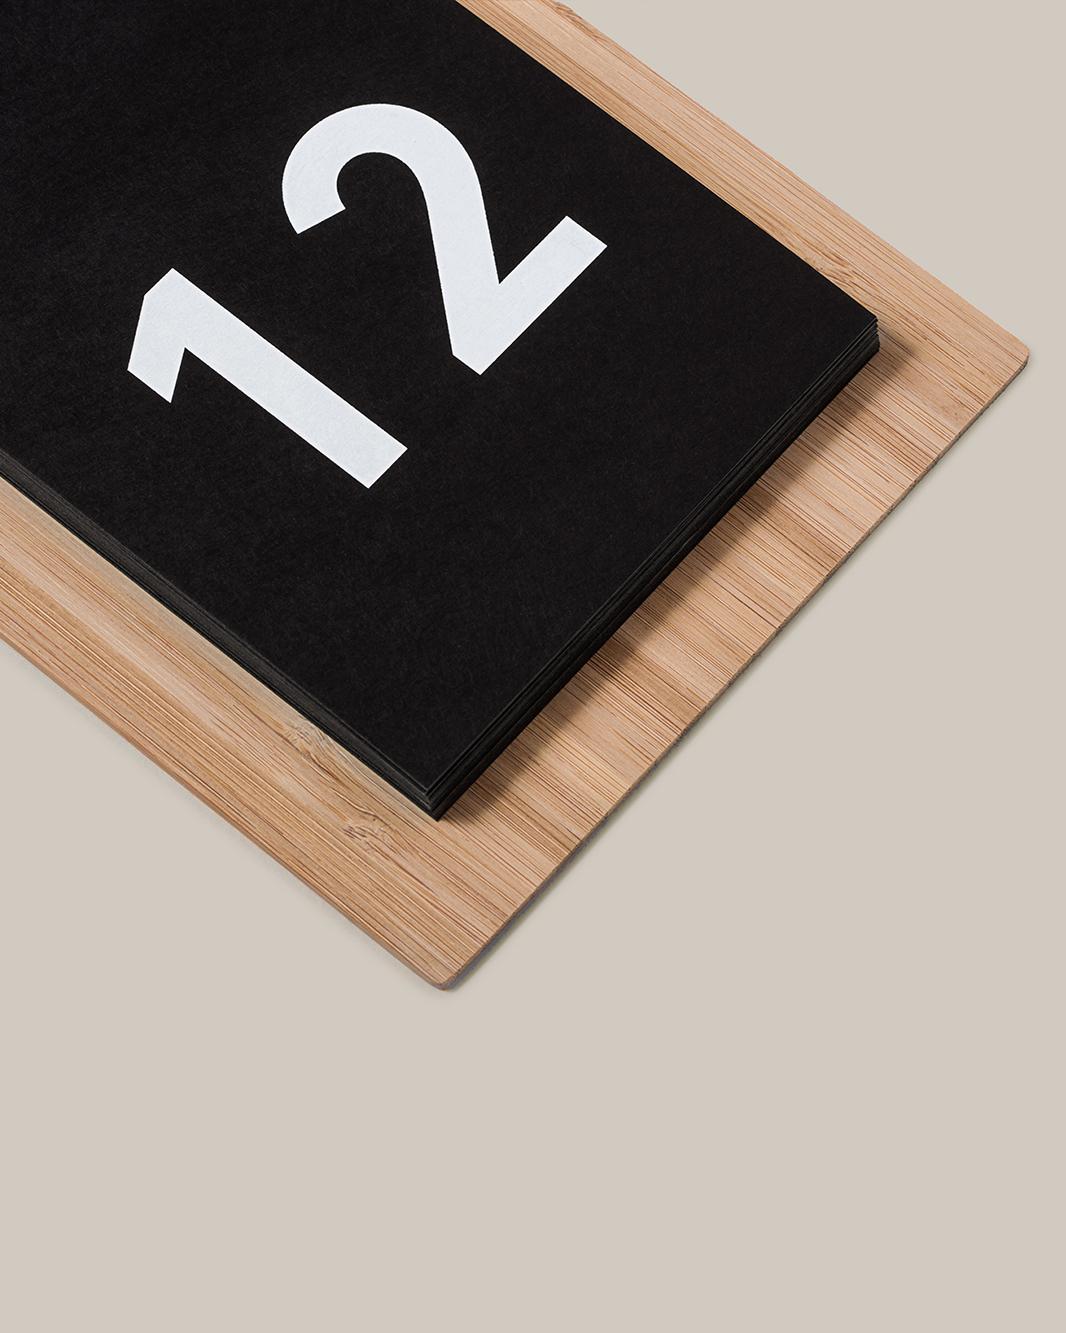 Minimal Wood Calendar, Julia Kostreva for Target